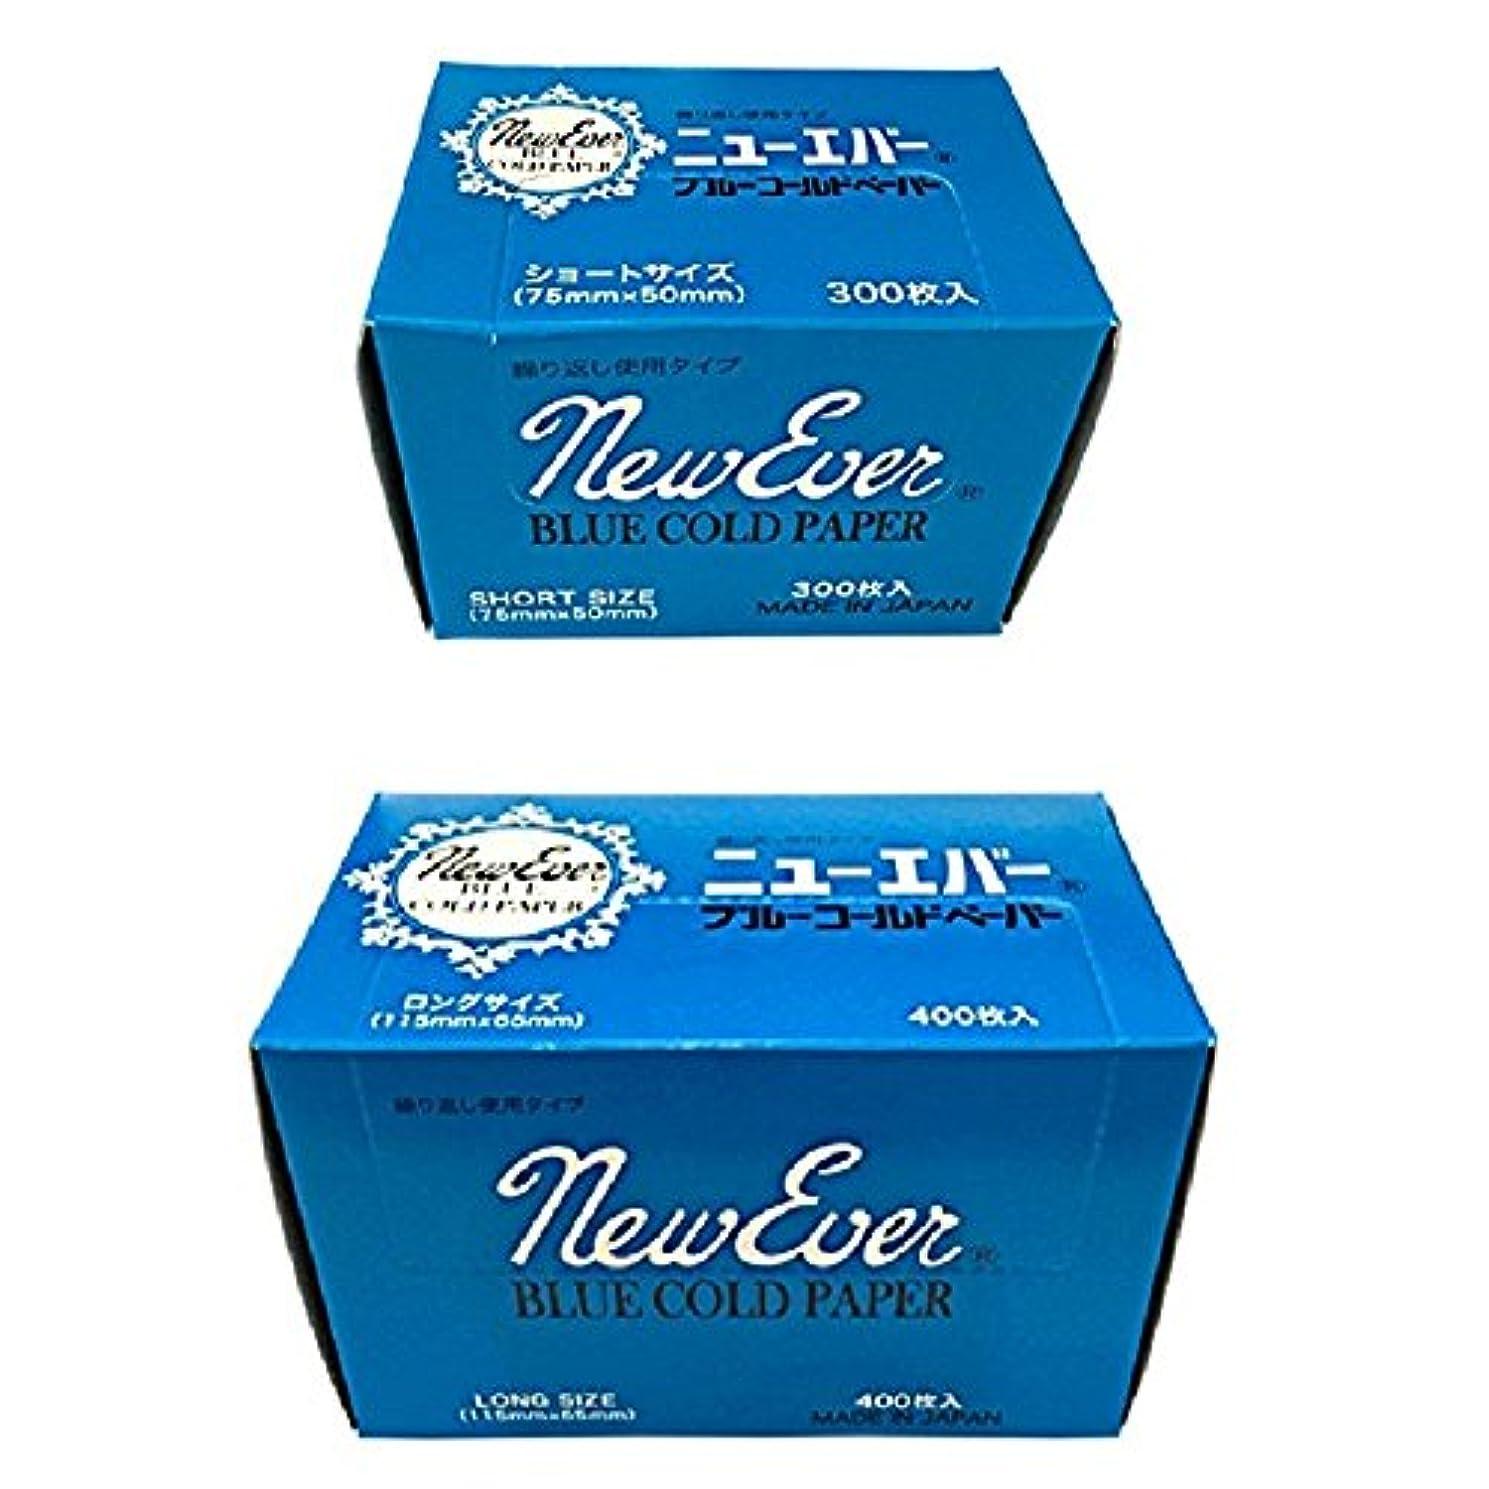 バンドルセブン隣人【セット】 エバーメイト ニューエバー ブルーペーパー S スモールサイズ 300枚入り & L ロングサイズ 400枚入